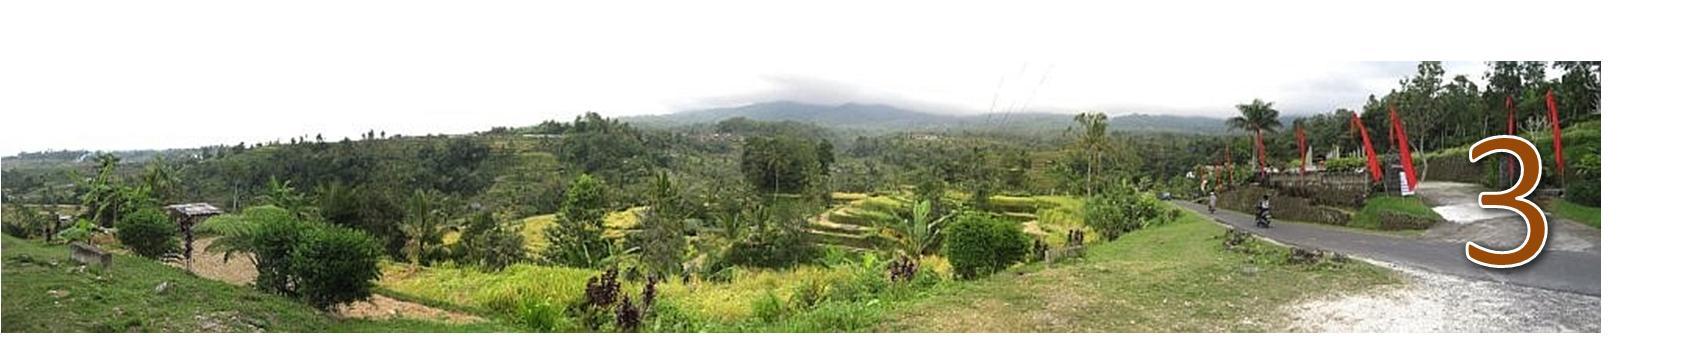 Dusun Kahuripan Membangun